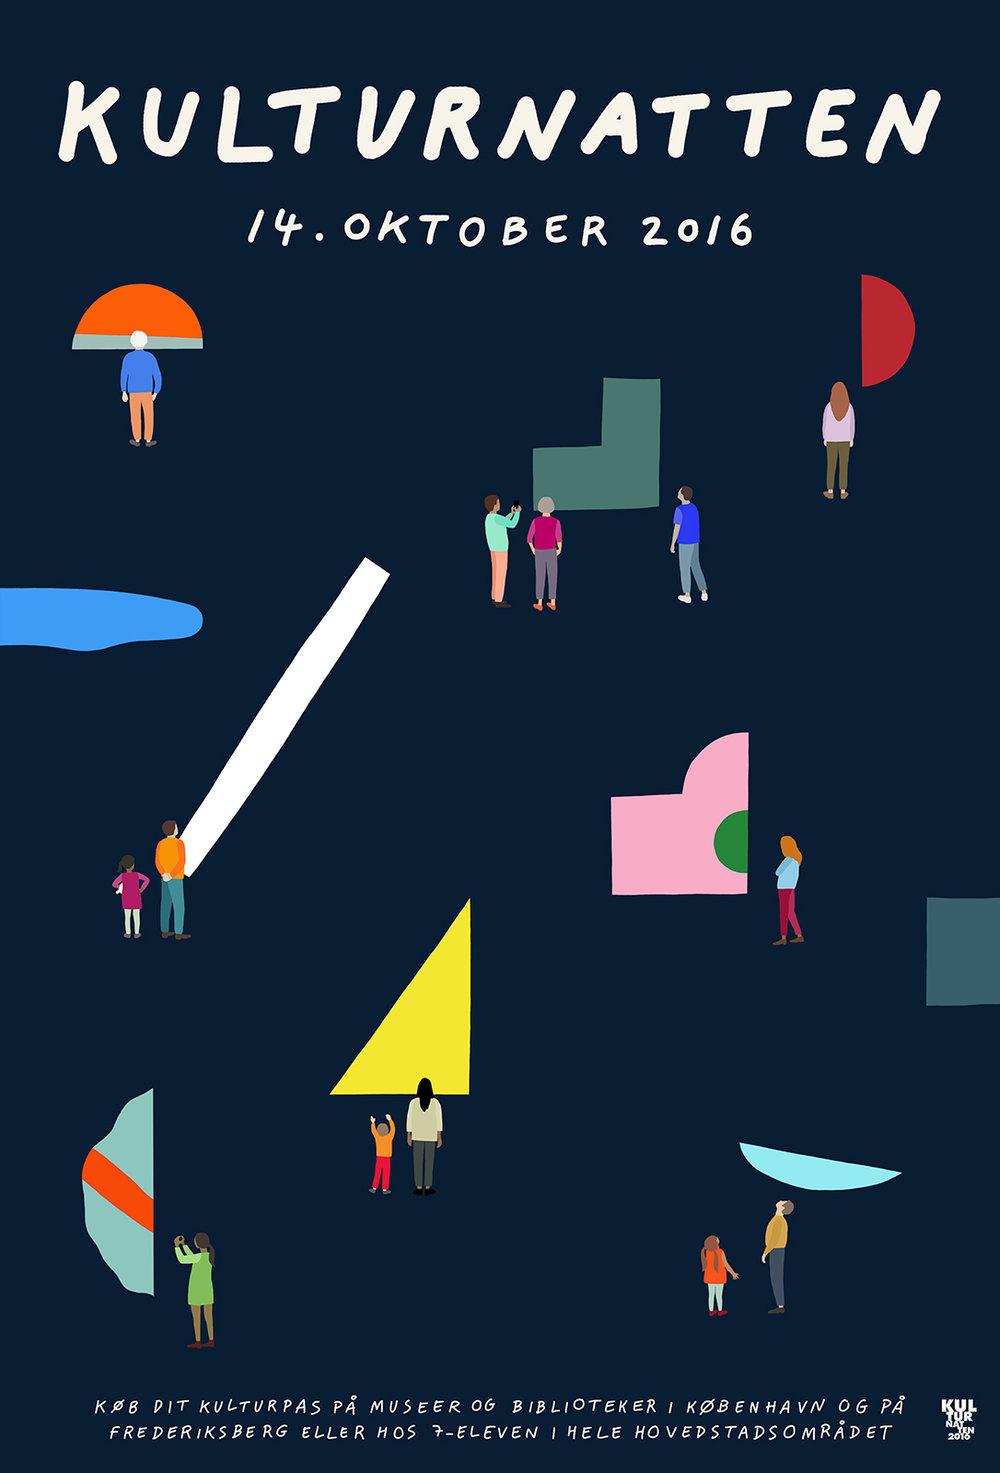 Hvass+Hannibal | Kulturnatten 2016 poster